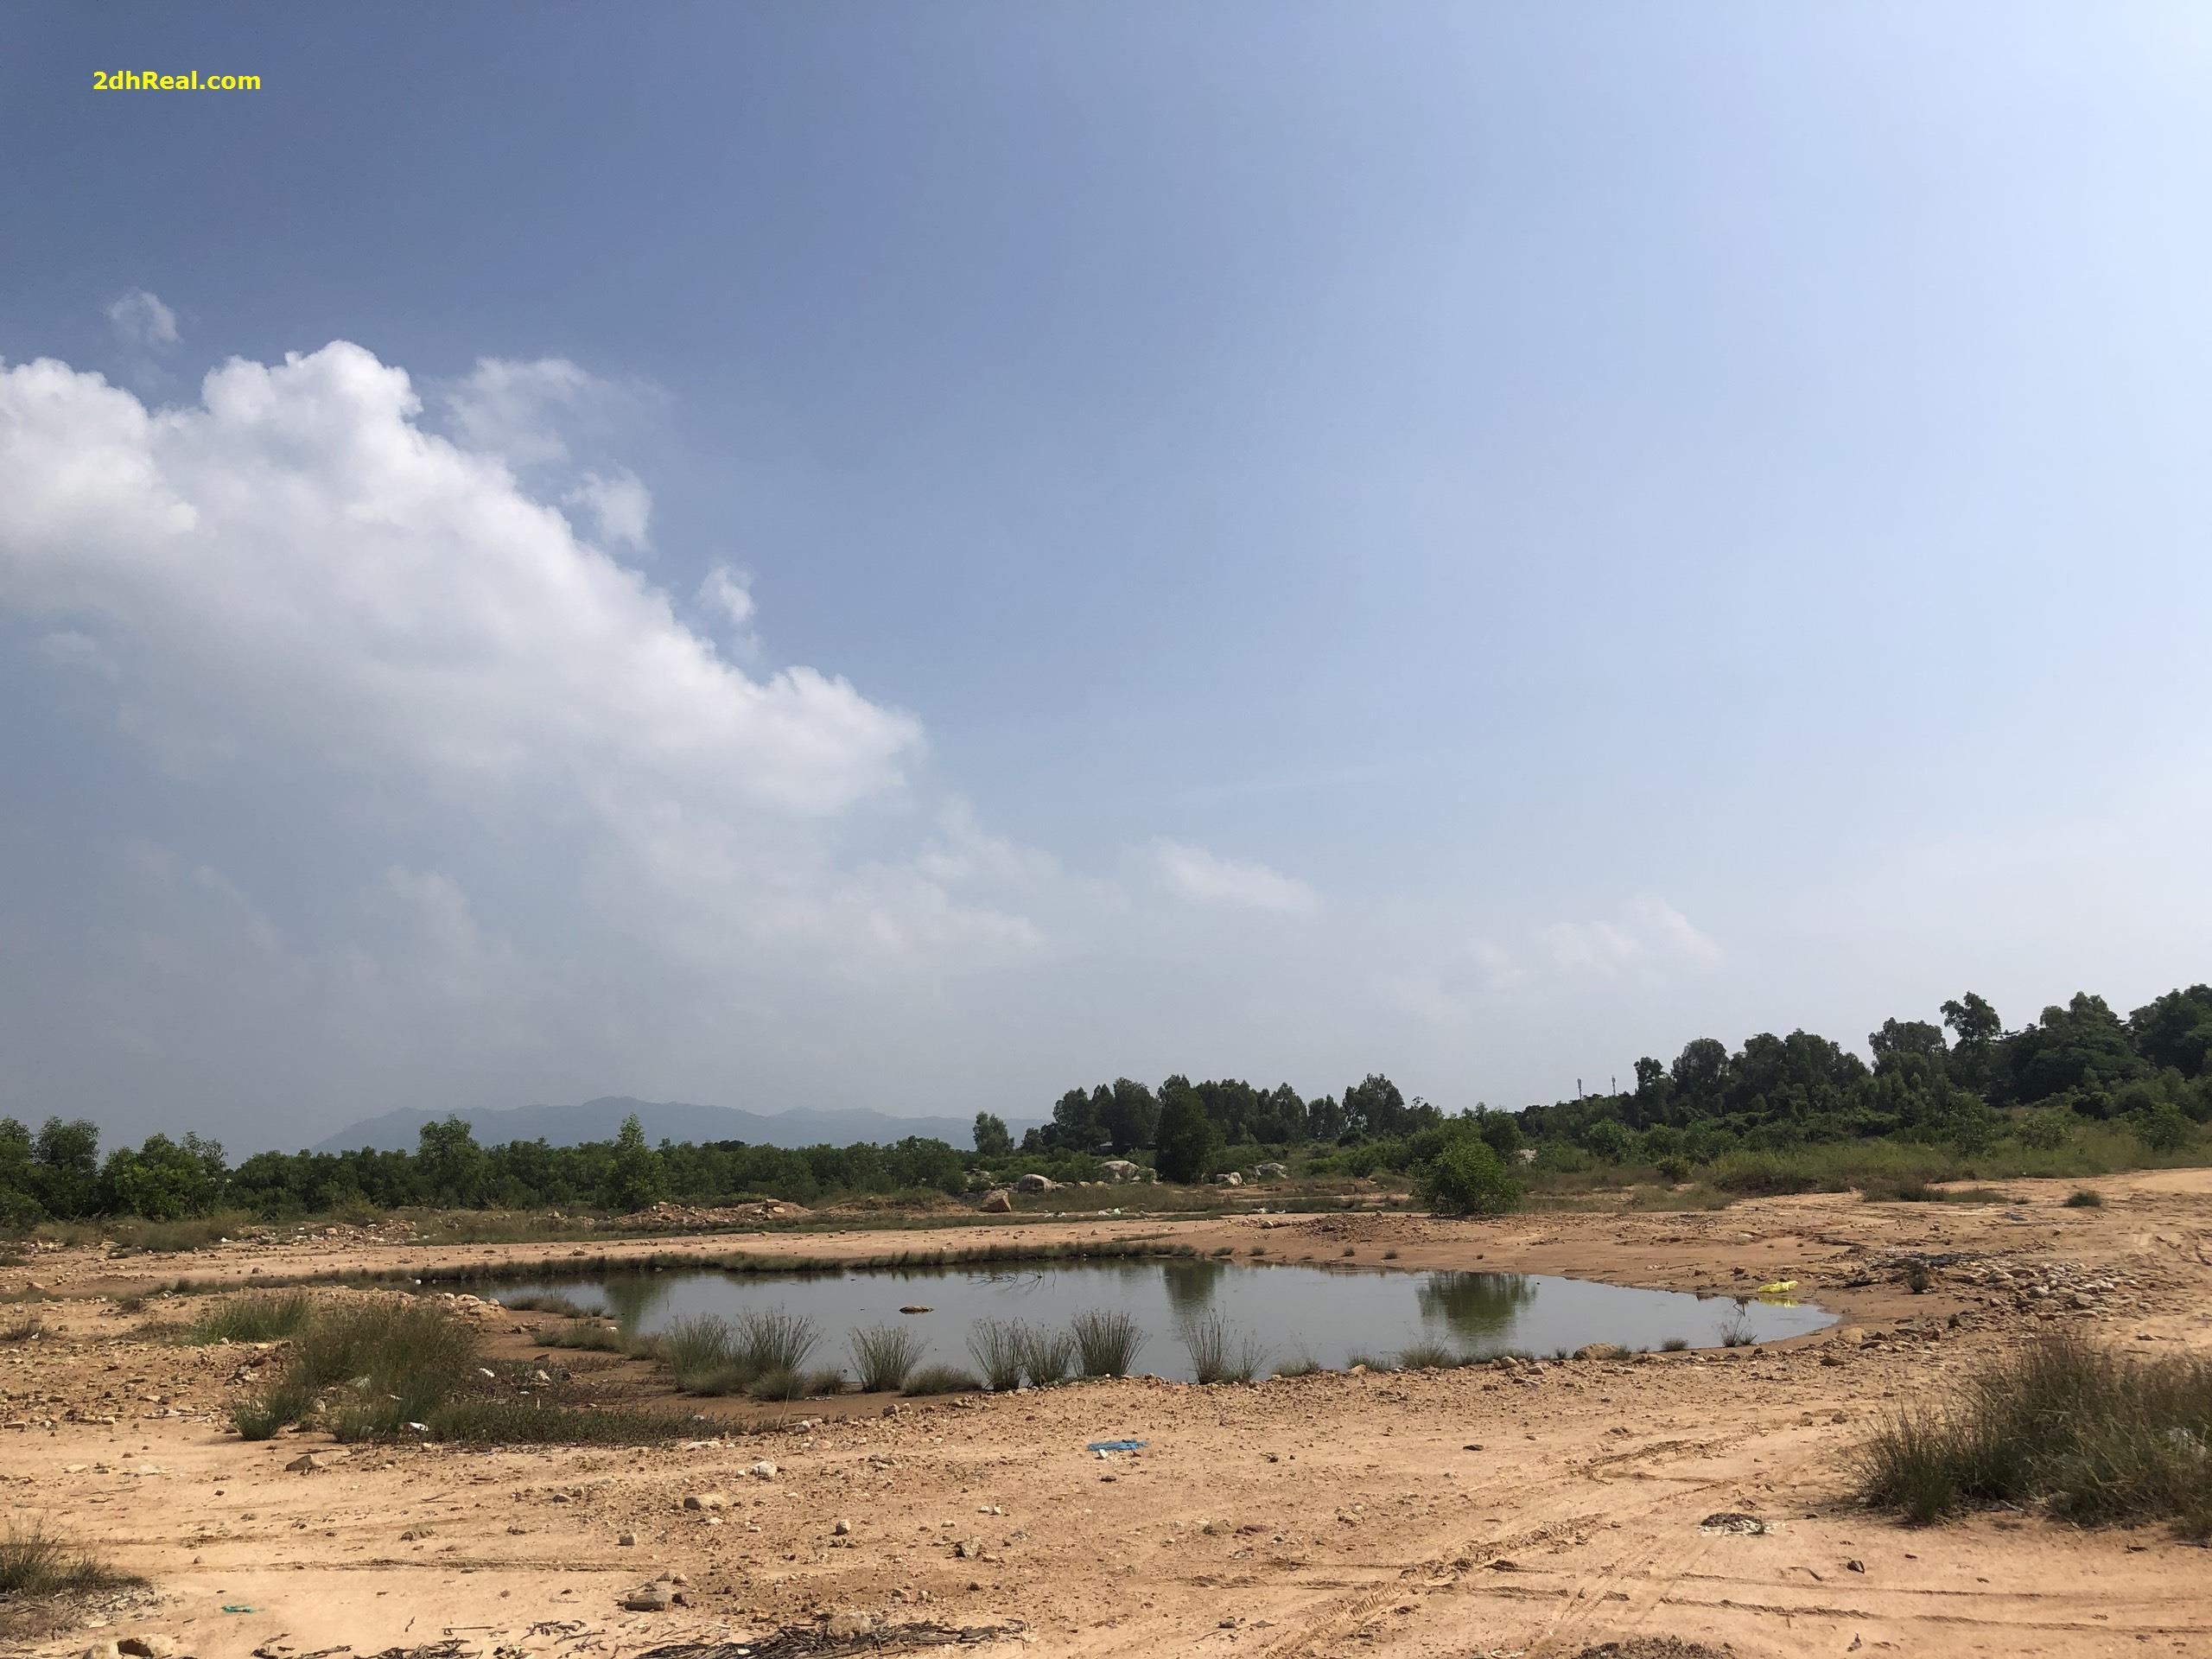 Chuyển nhượng dự án 900 ha Bà Rịa - Vũng Tầu